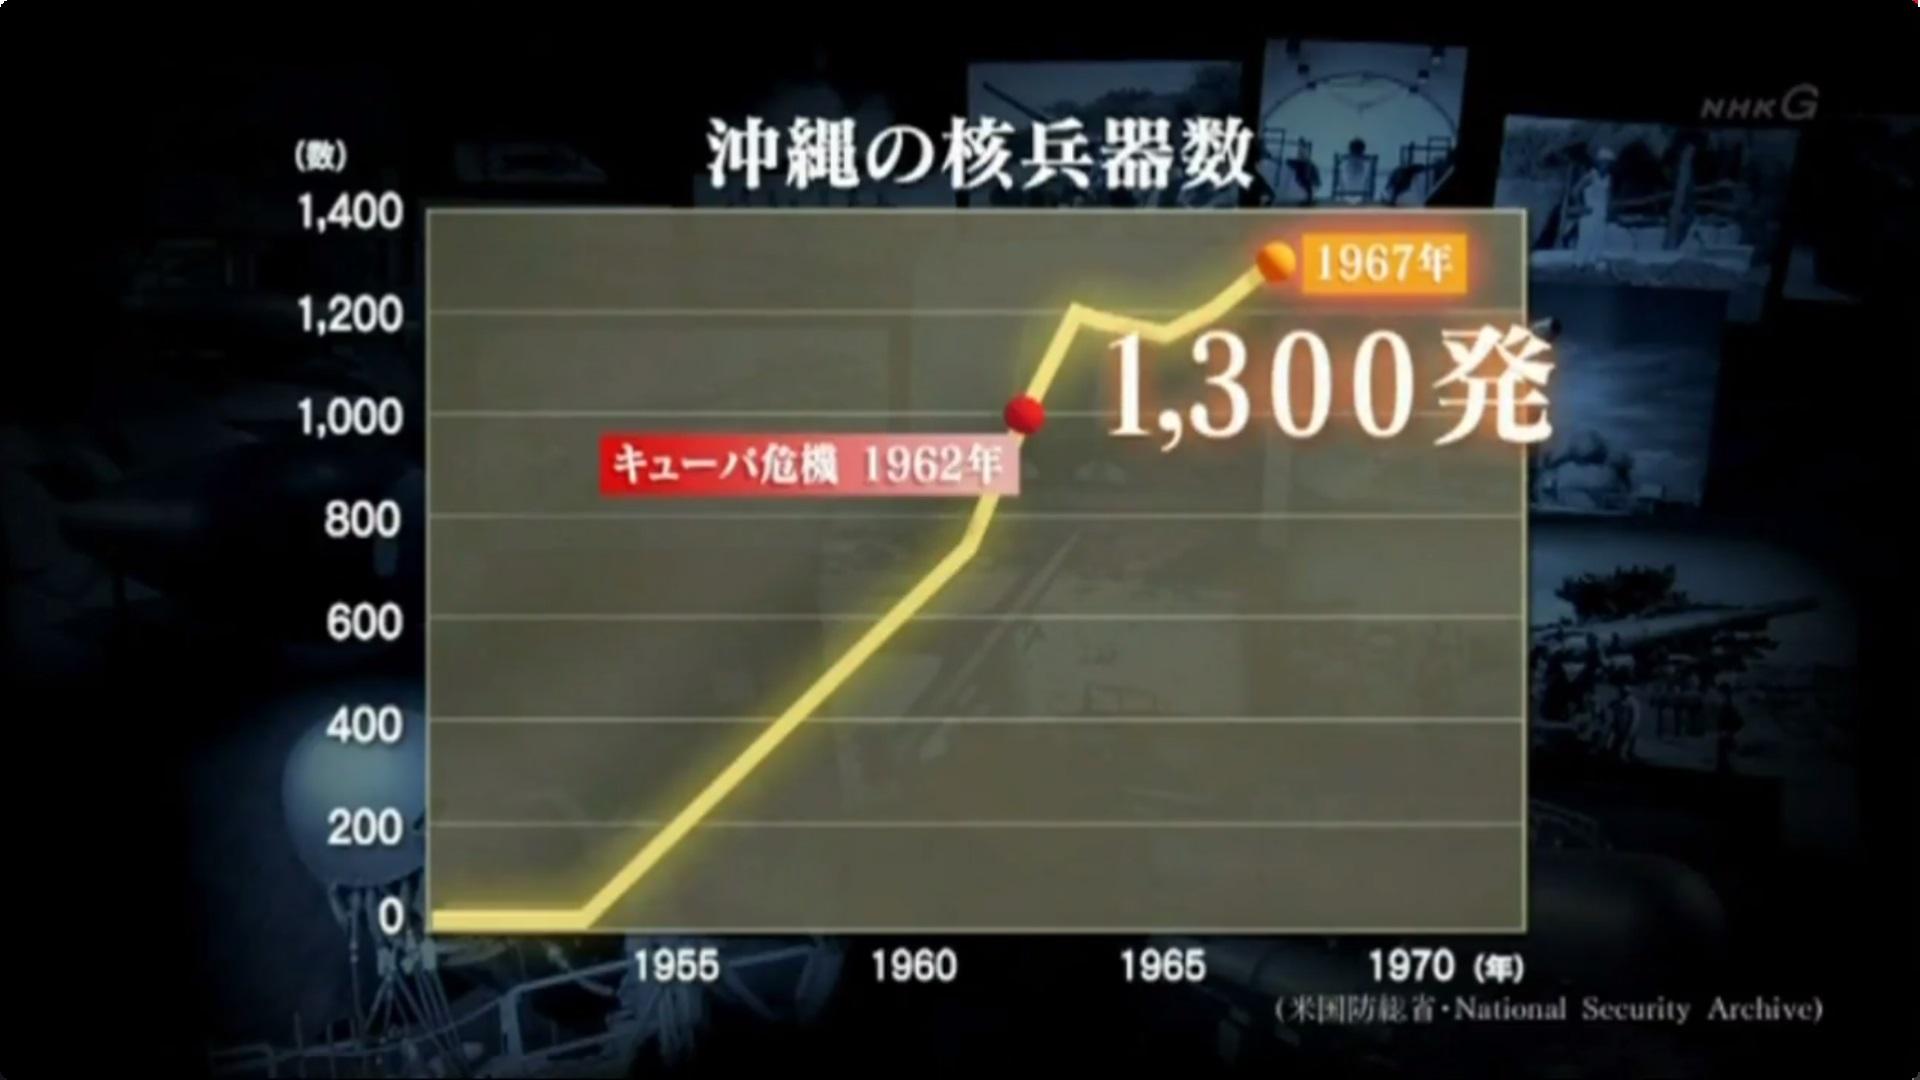 1967年当時の沖縄にはアメリカ軍の約1300発もの核兵器があった